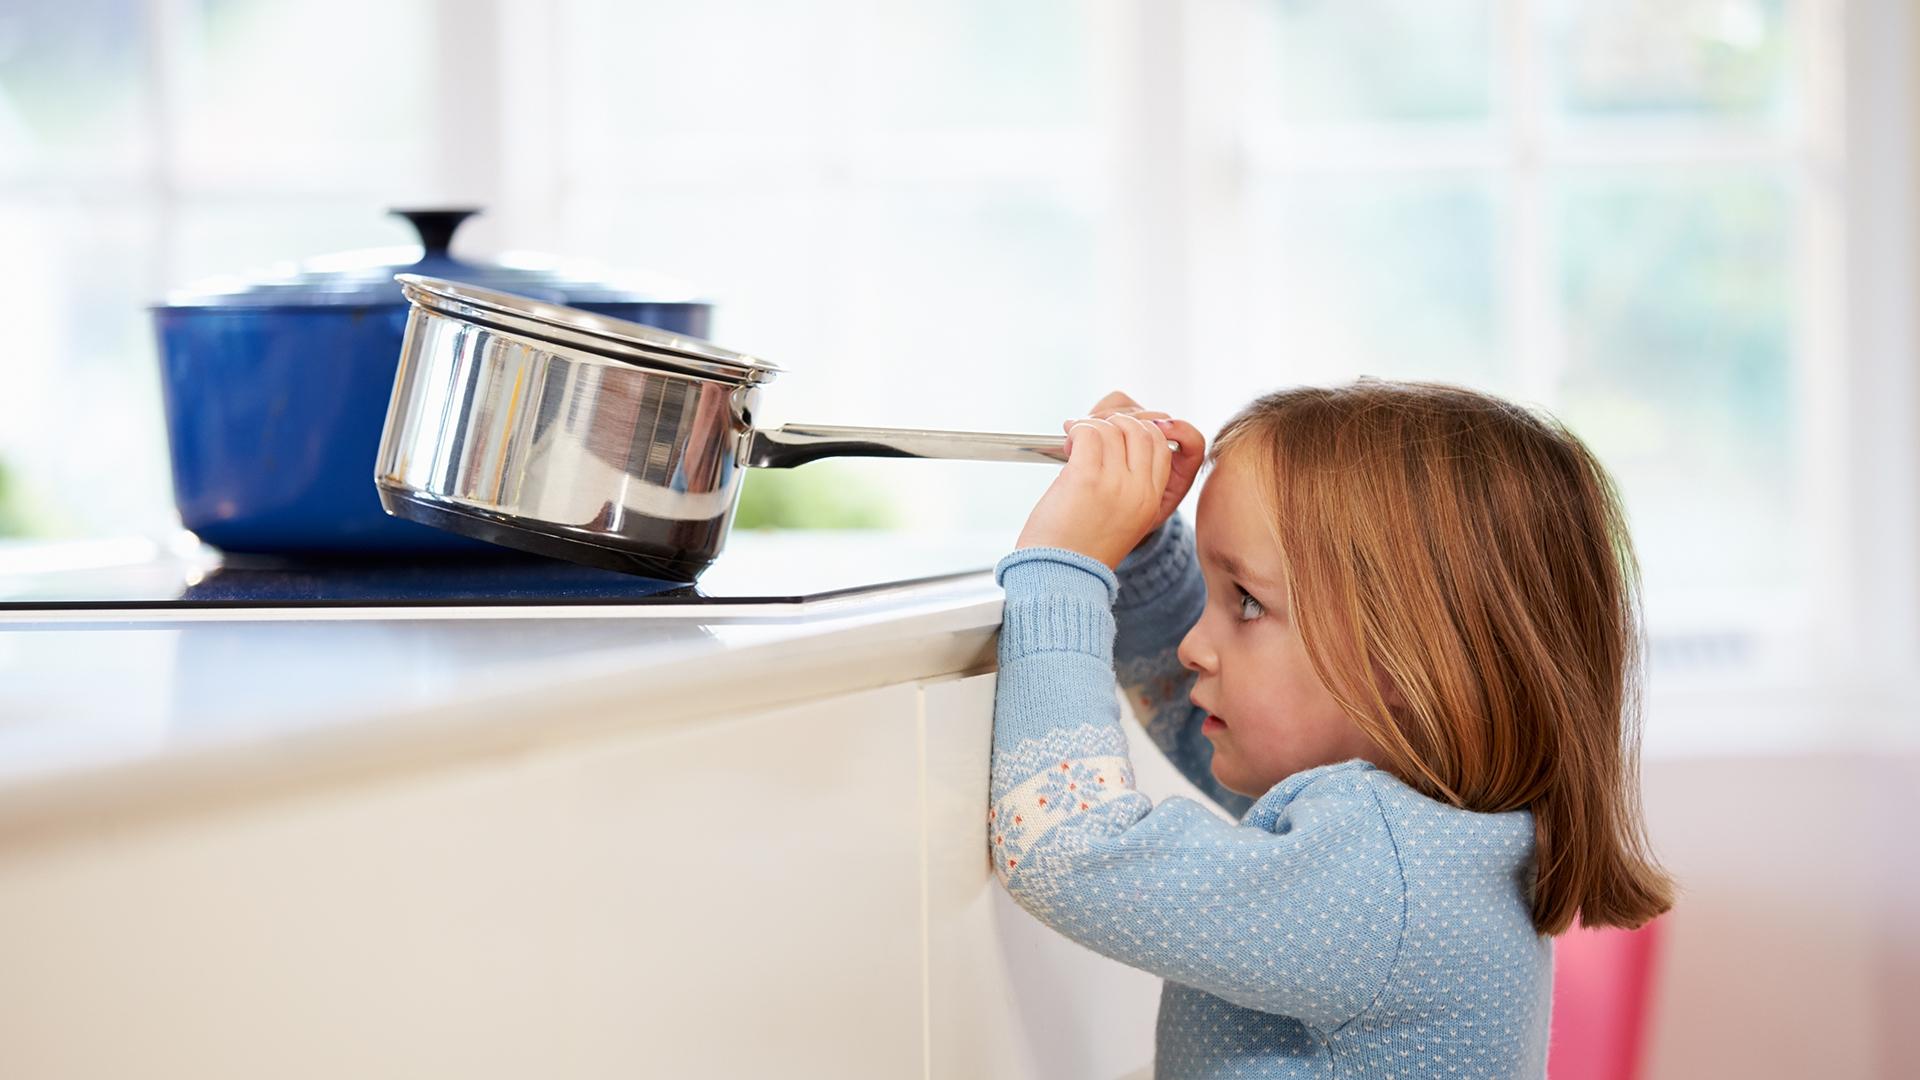 Salud de los niños: Aumentaron los accidentes domésticos pero disminuyeron las enfermedades respiratorias